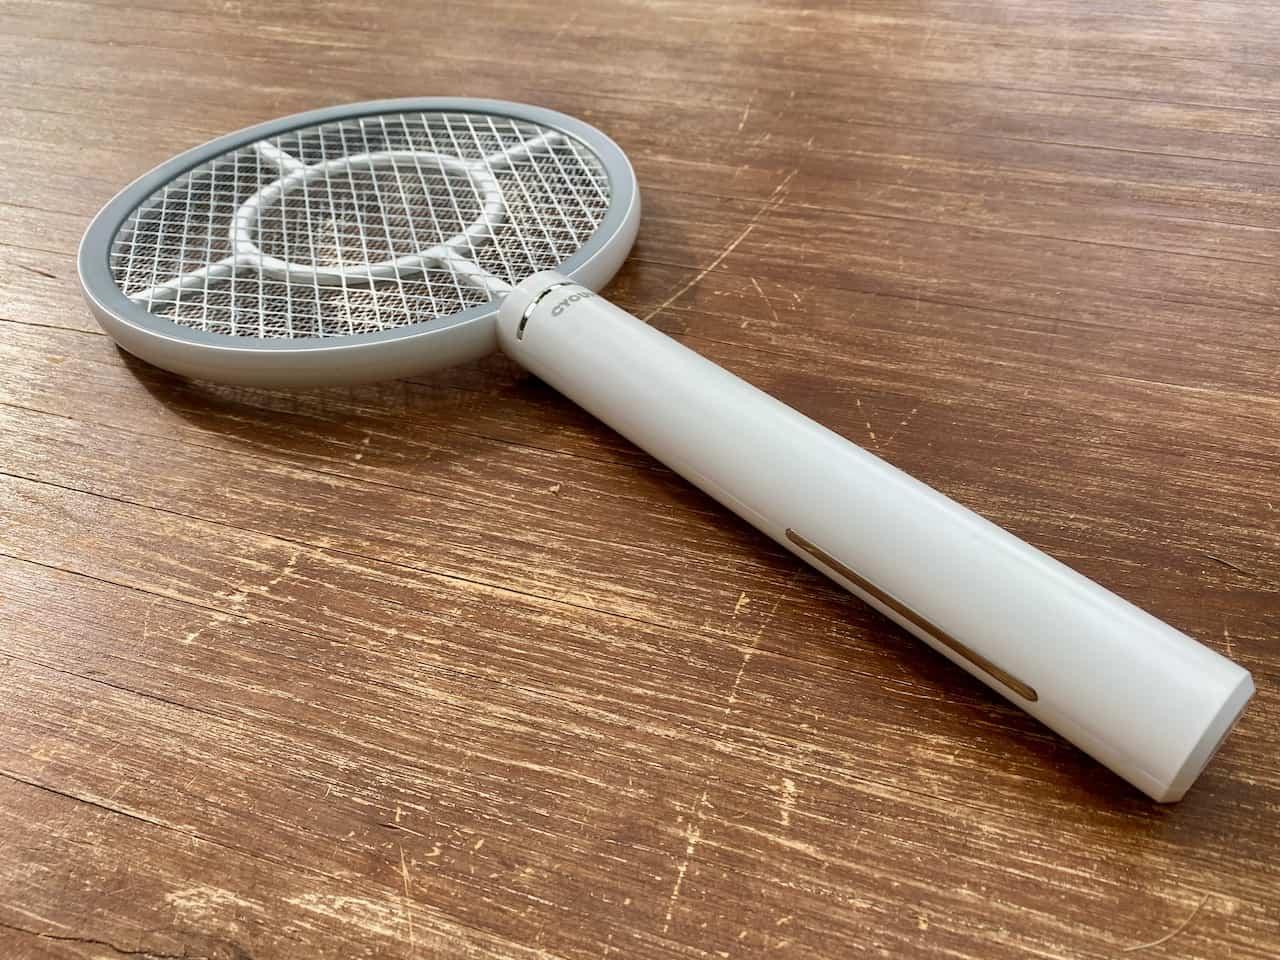 UV-Insektenvernichter-Mückenvernichter-Mückengriller-Fliegenklatsche-CYOUH